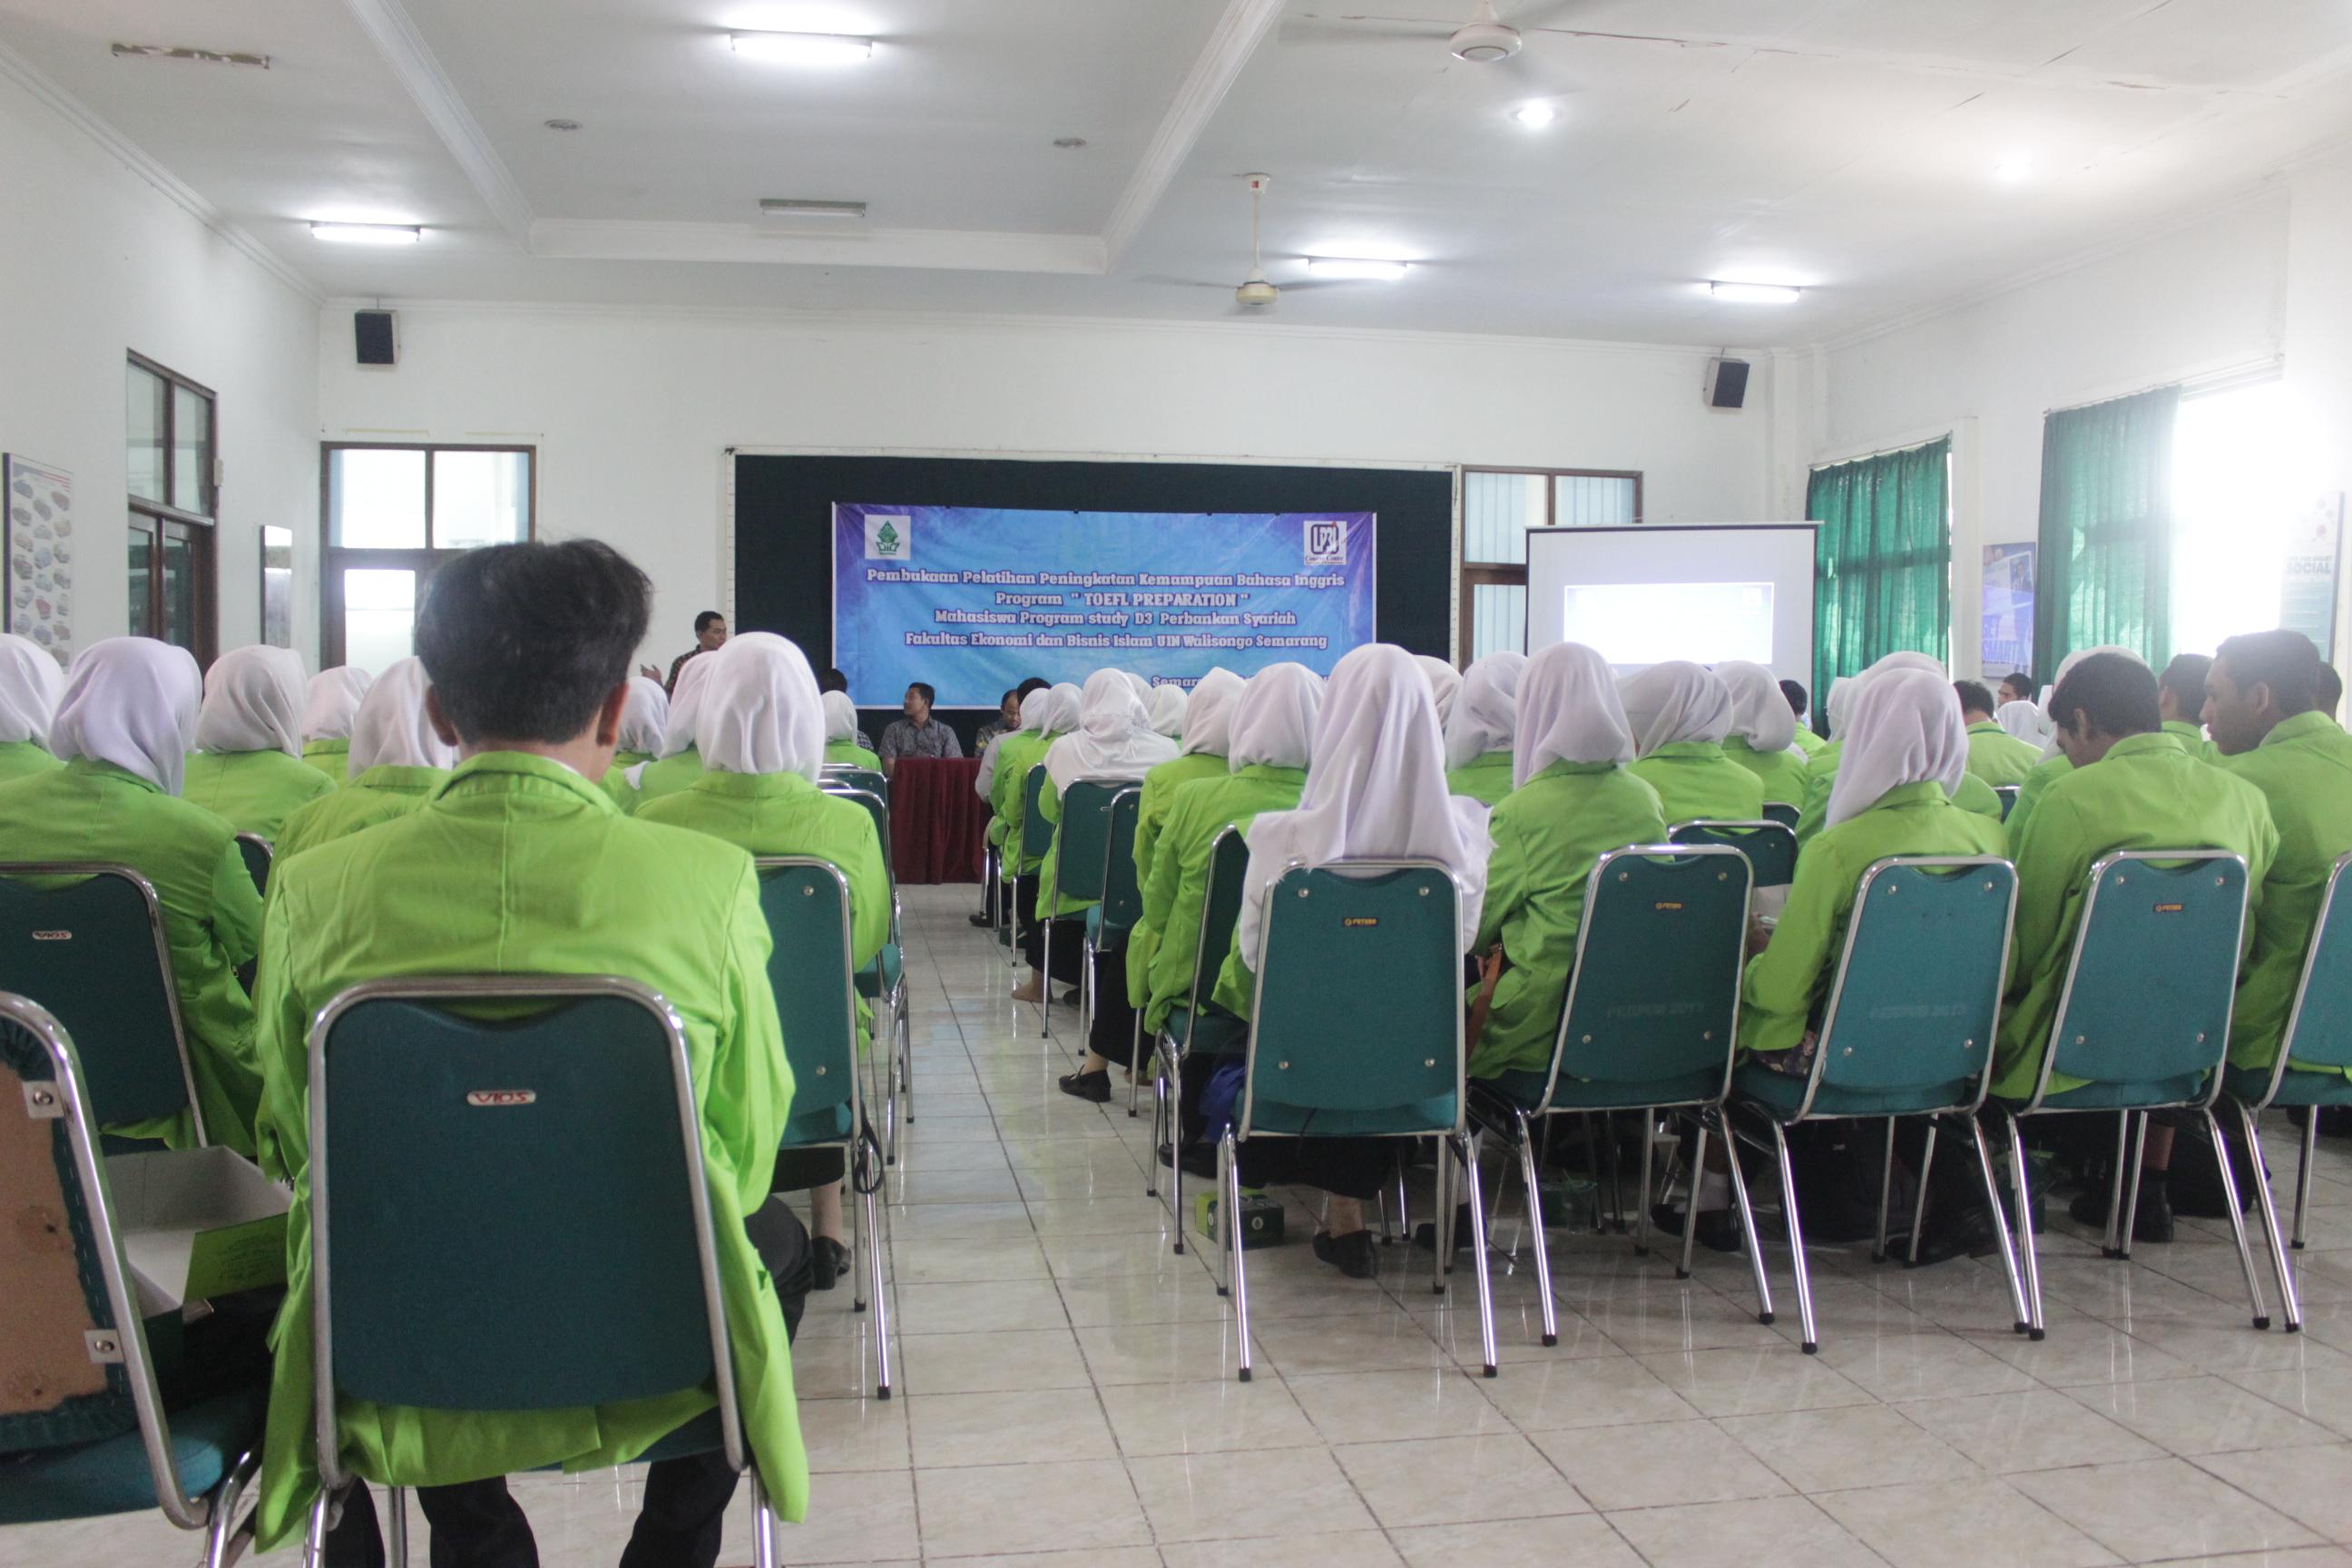 Prodi D3 Perbankan Syariah Bersama LP3I Course Center Menyelenggarakan  Program  TOEFL Preparationa Bagi Mahasiswa